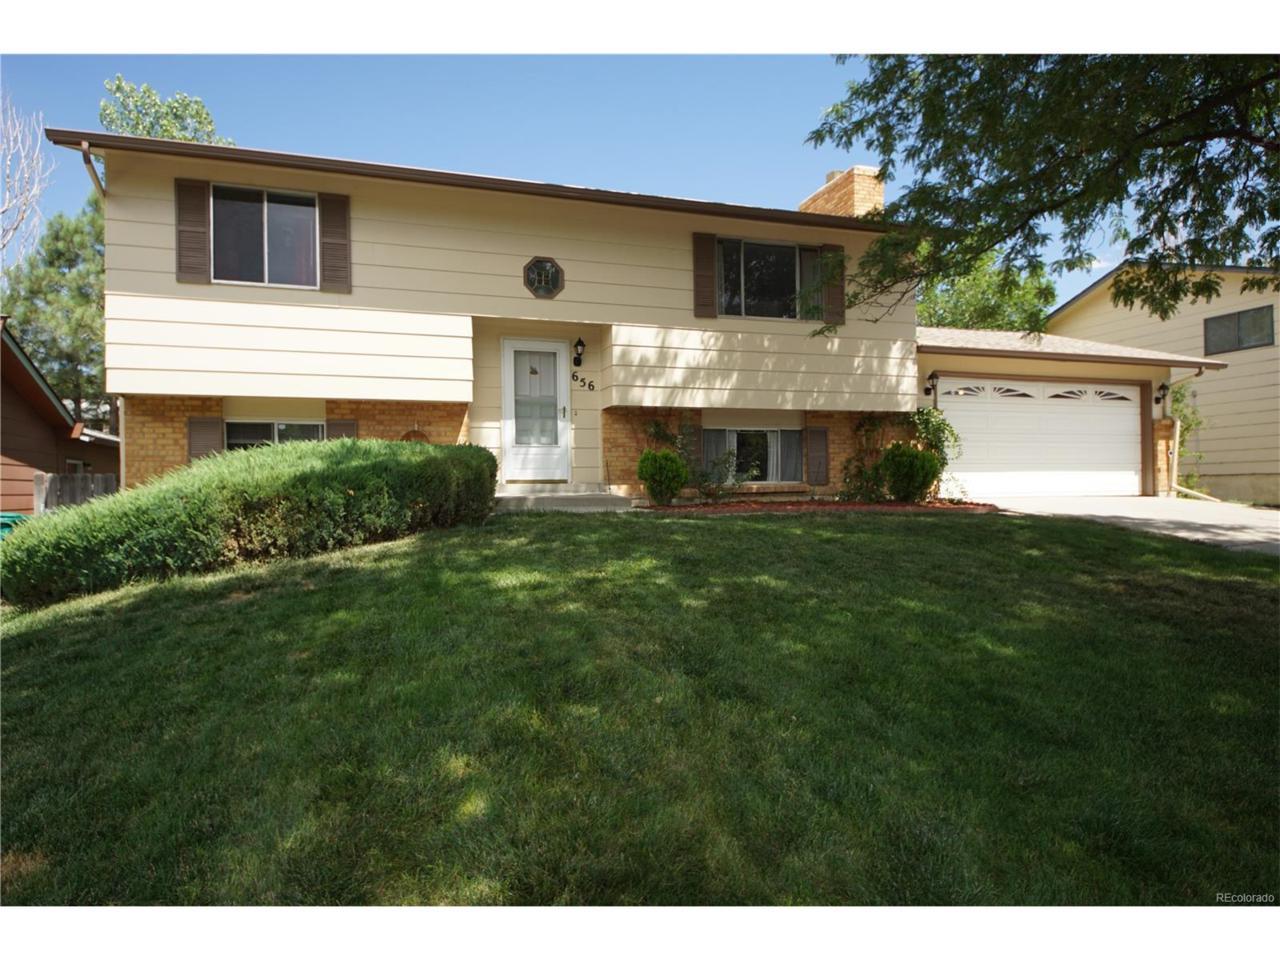 656 Norfolk Way, Aurora, CO 80011 (MLS #3409791) :: 8z Real Estate